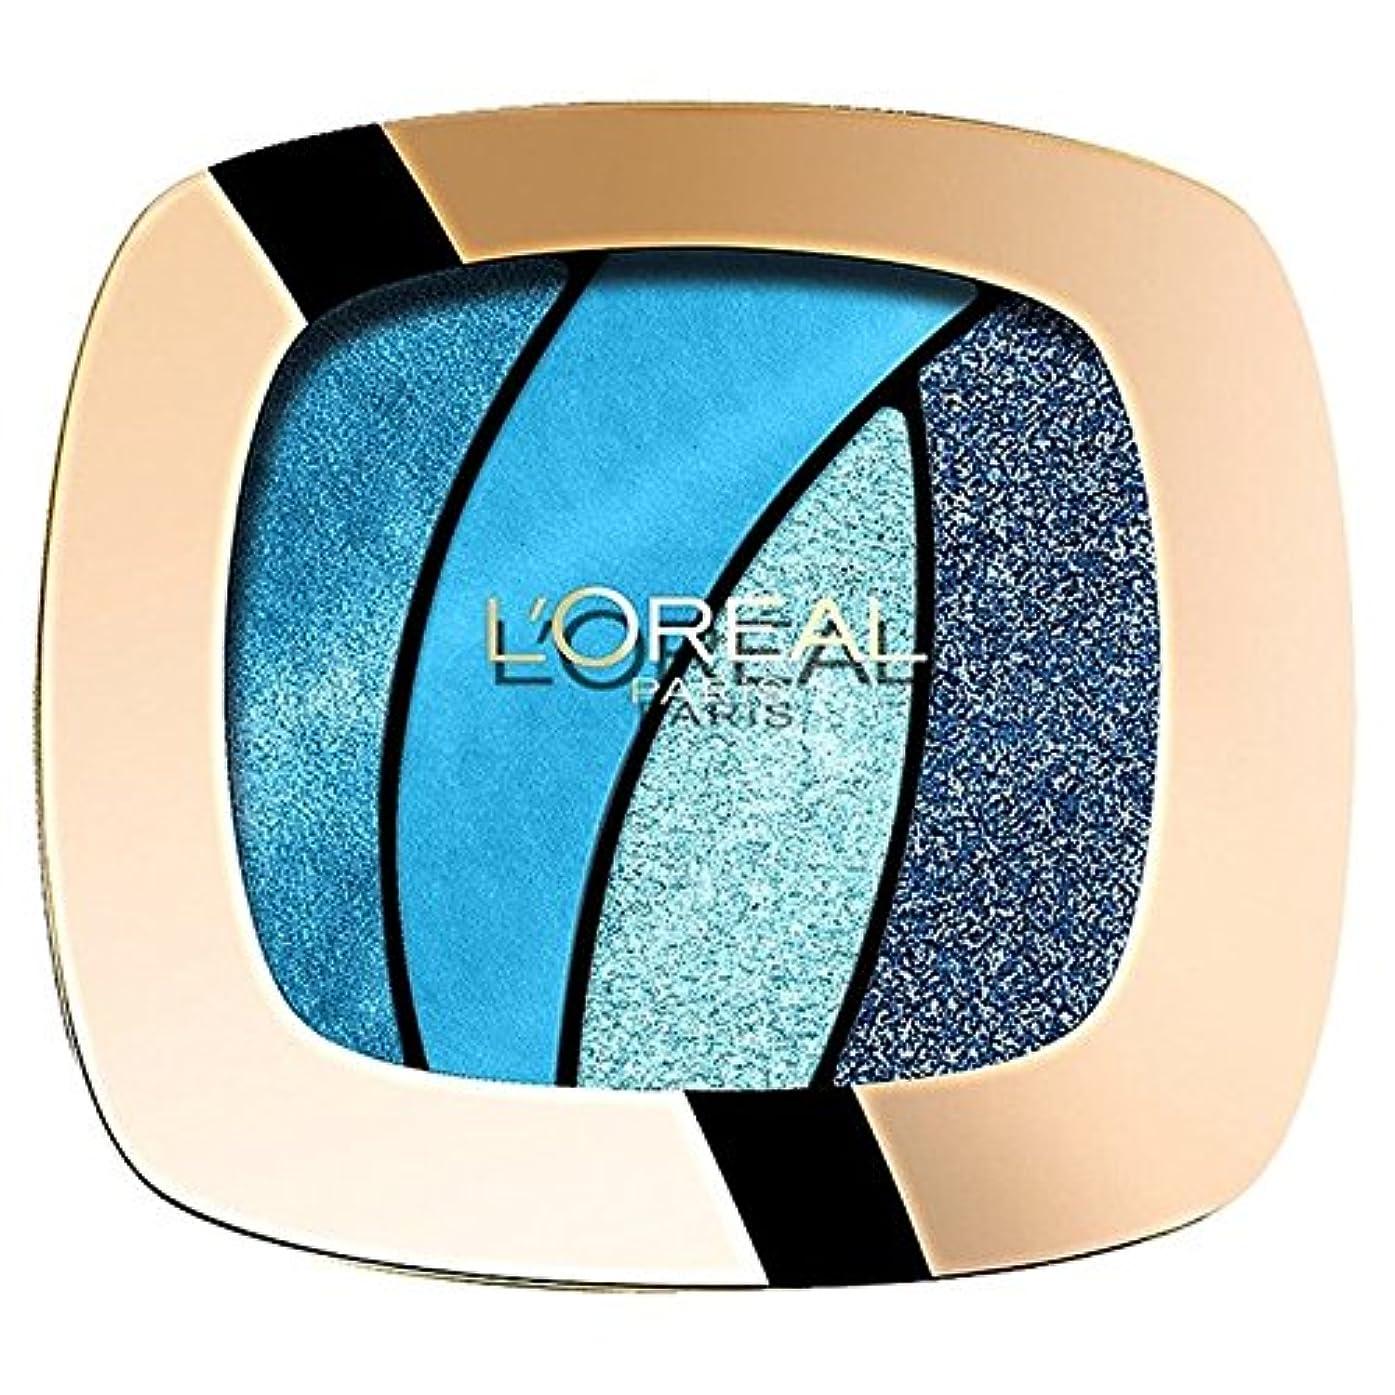 愛情深い表面結び目L'Oreal Paris Color Riche Quad, Turquose Spell S15 (Pack of 6) - ロレアルパリカラーリッシュクワッド、スペル15 x6 [並行輸入品]